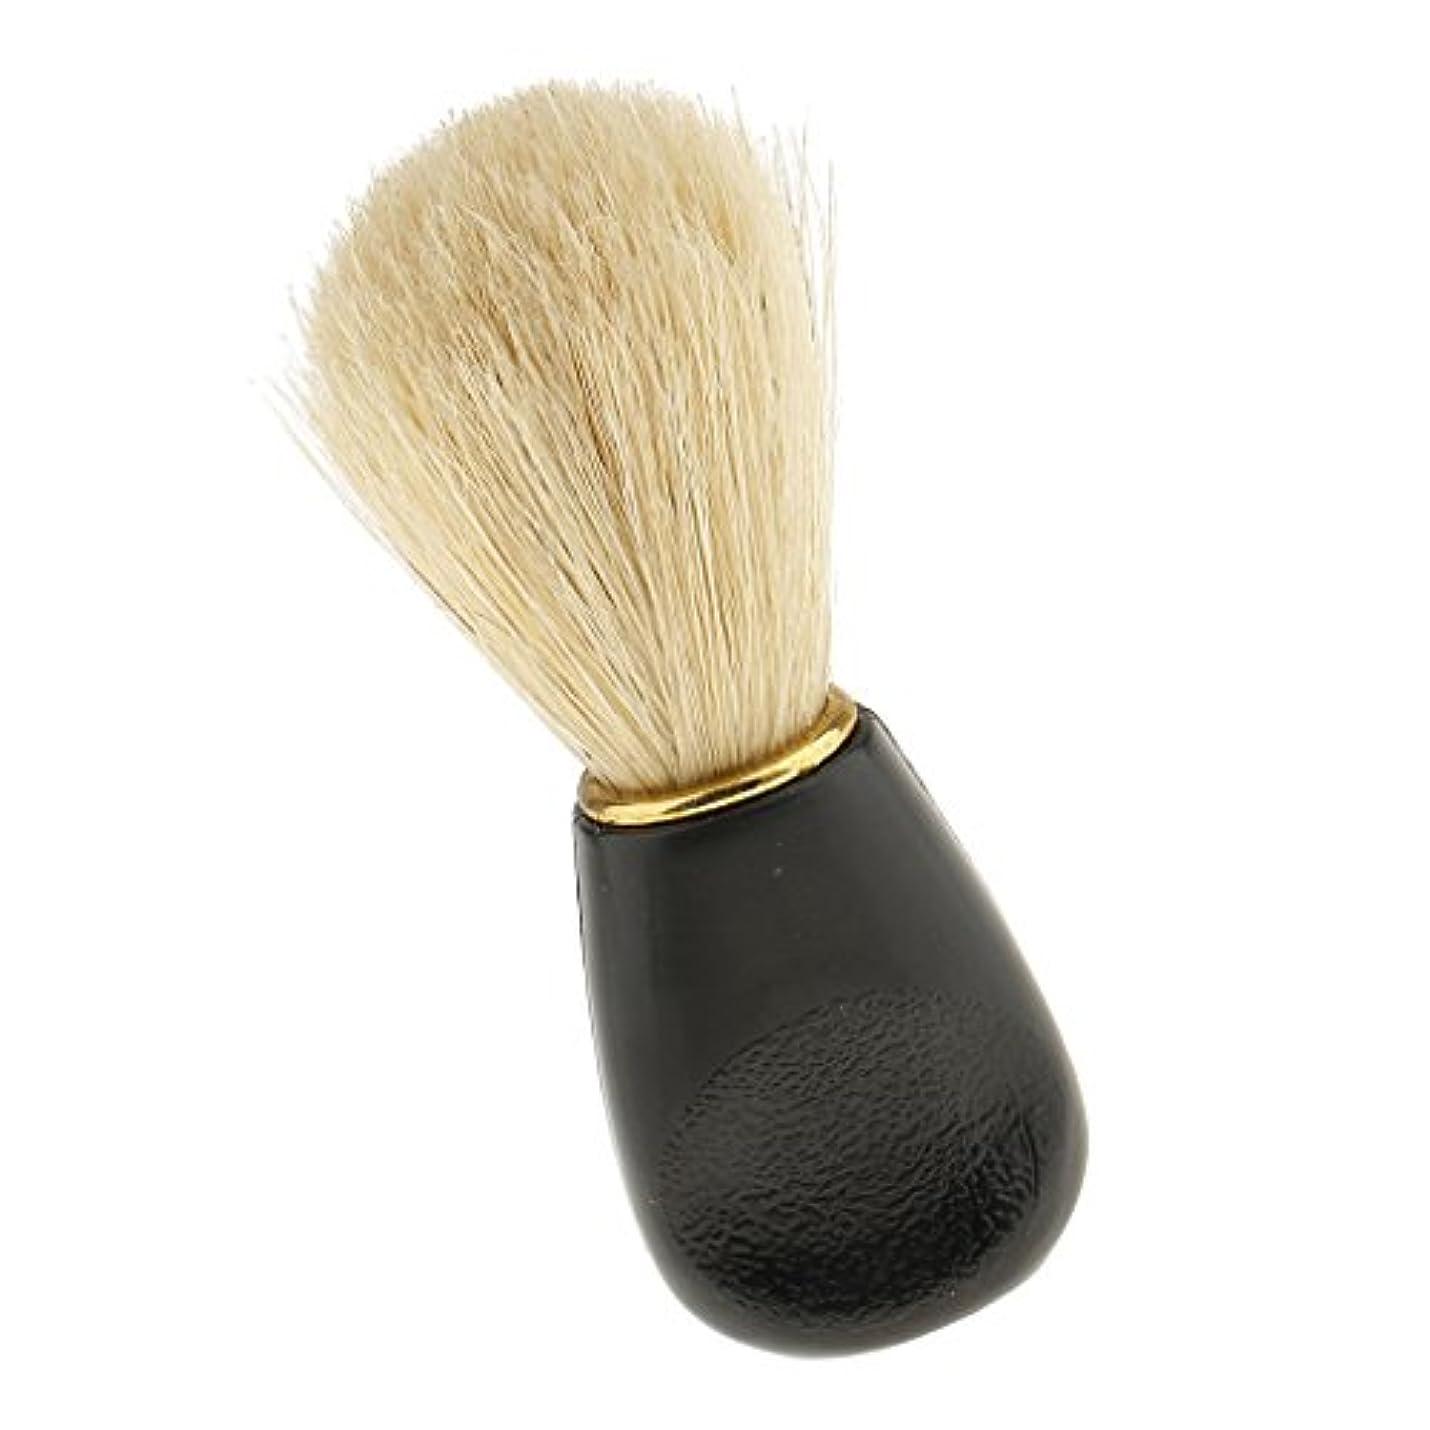 文言昇進望まないKesoto プラスチック ハンドル メンズ シェービングブラシ 髭剃り 泡立ち ソフト ブラシ 全2種類 - ブラック